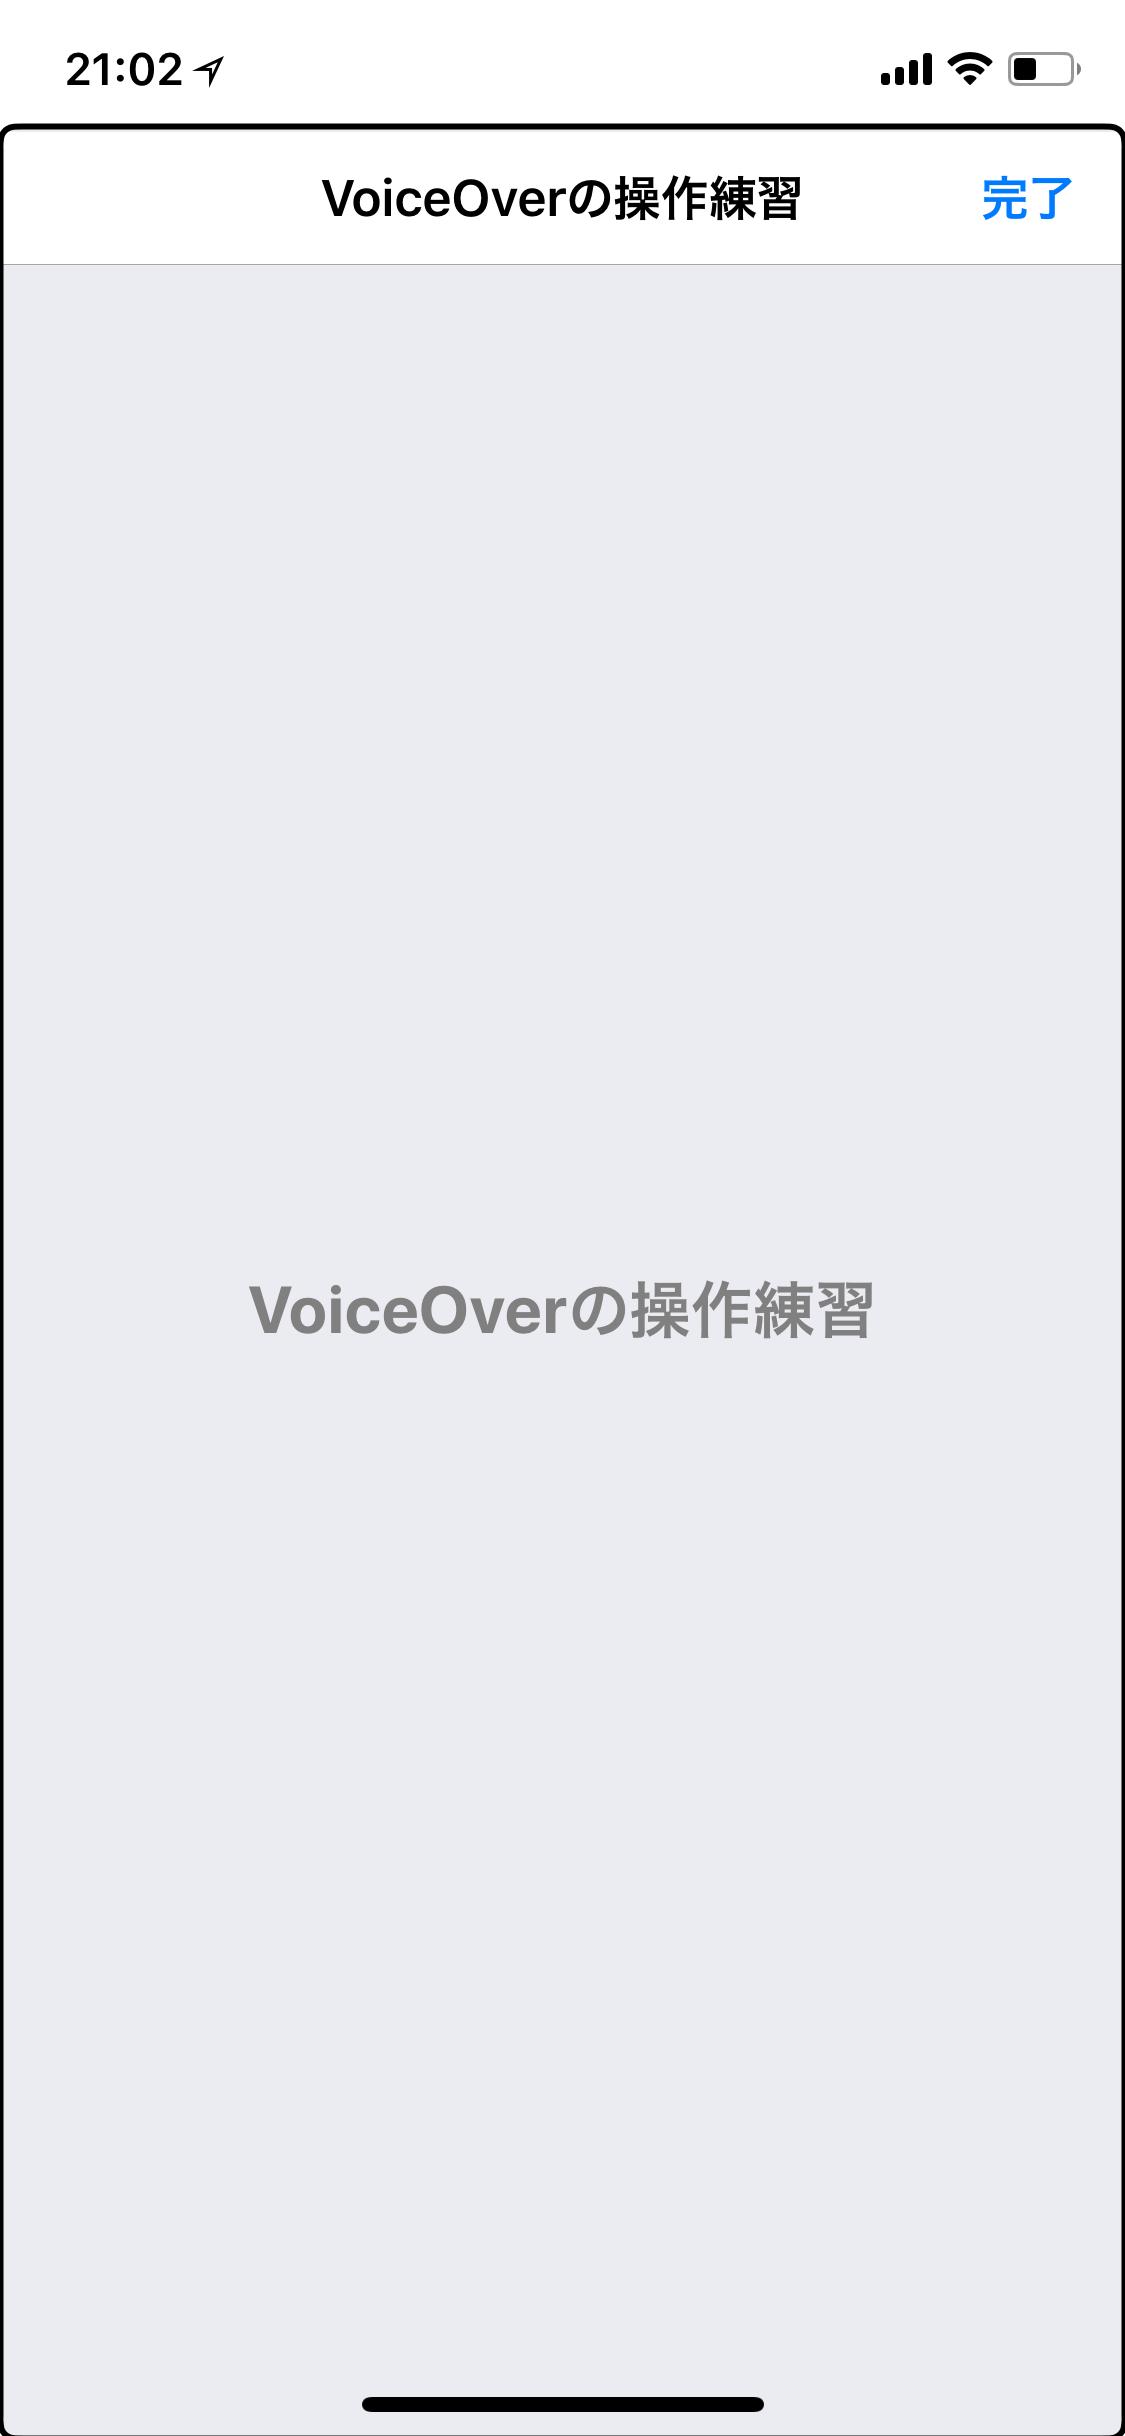 iOS VoiceOverの操作練習画面。ここでVoiceOverの操作を練習できる